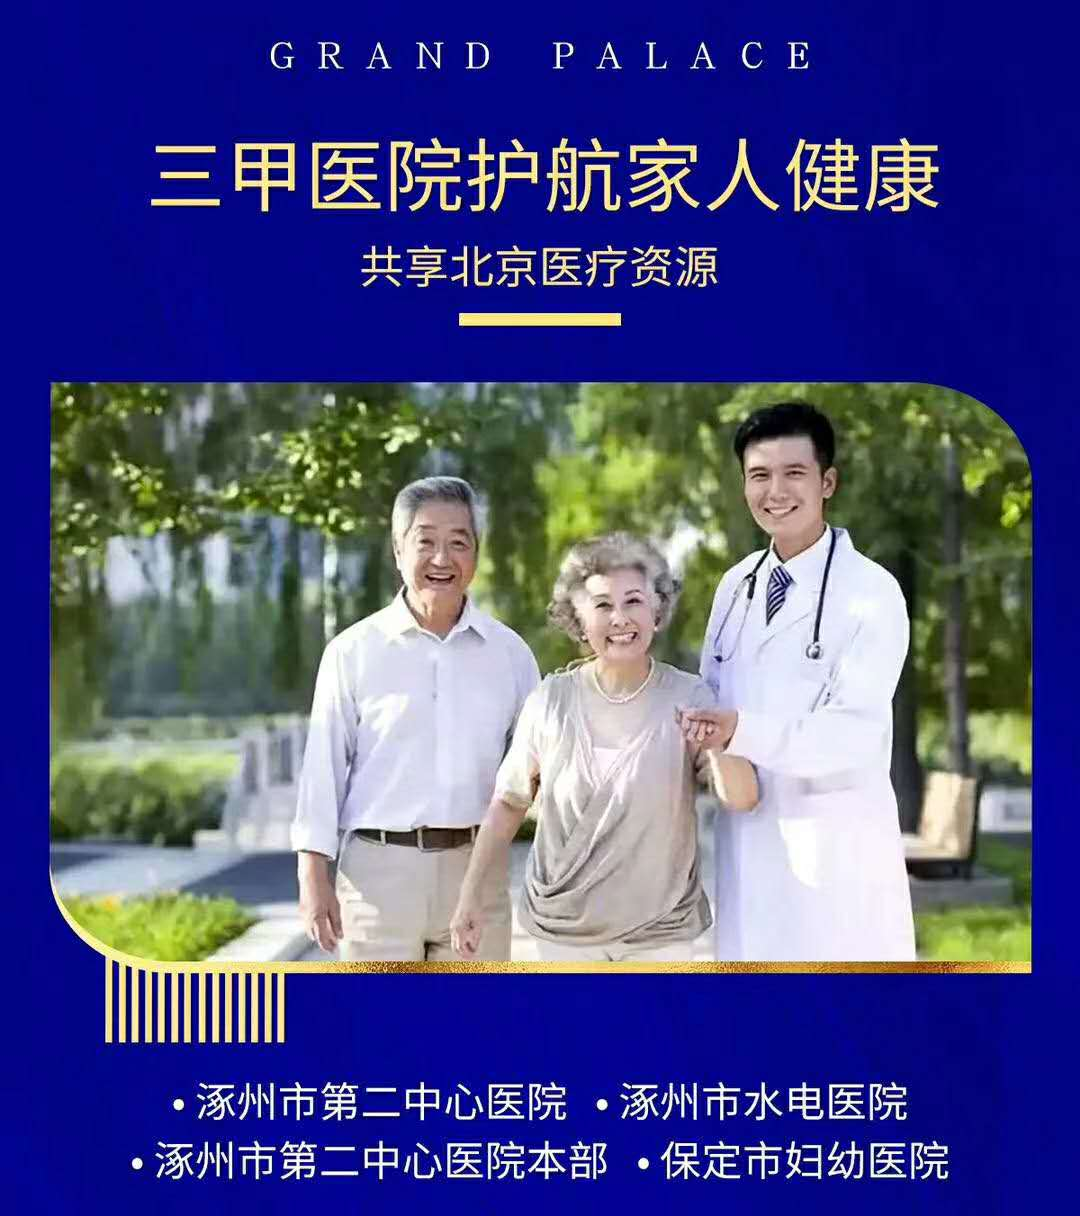 涿州紫樾华庭医疗配套照片